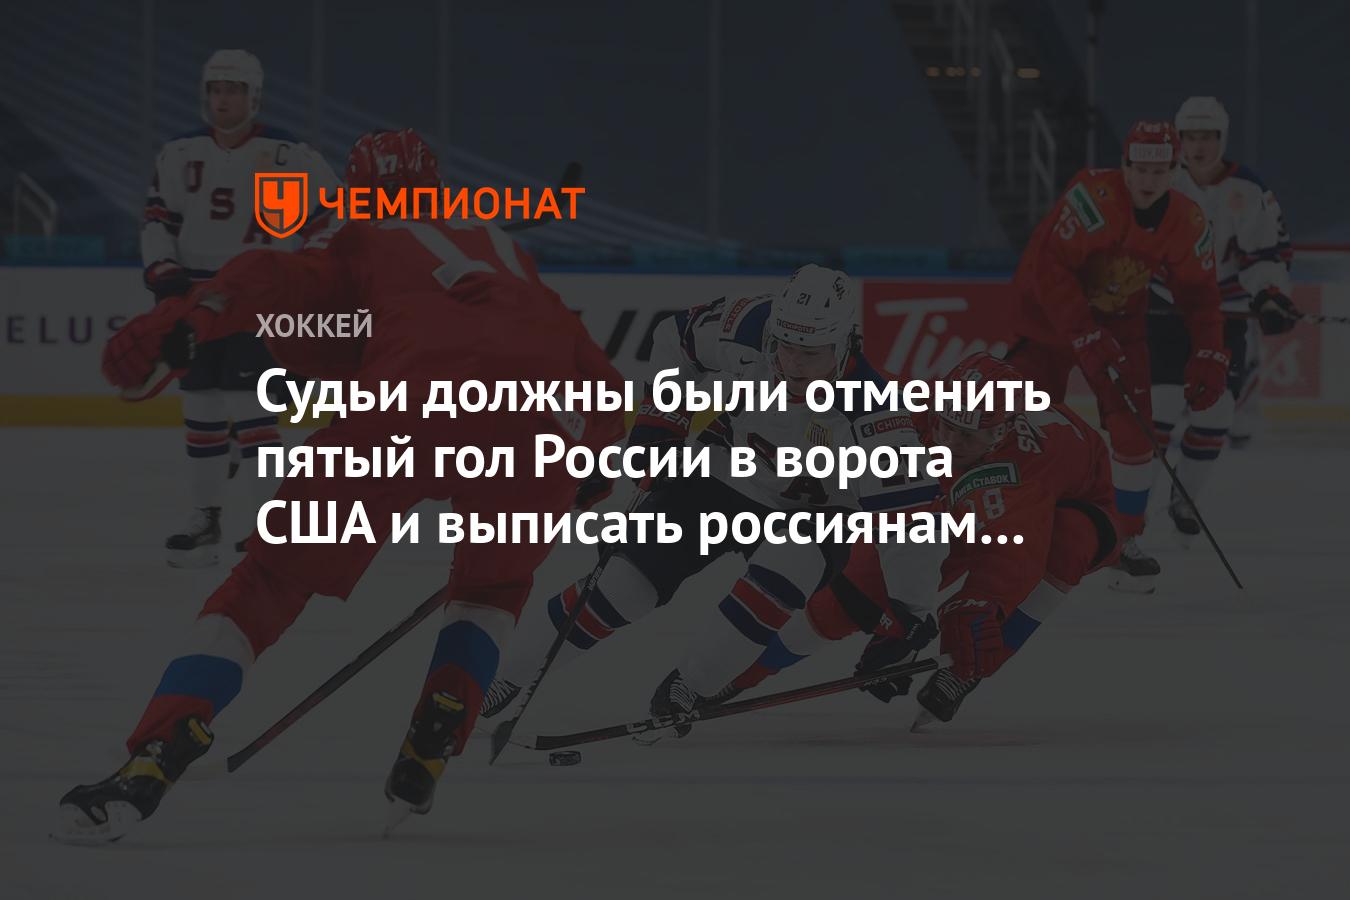 Судьи должны были отменить пятый гол России в ворота США и выписать россиянам удаления